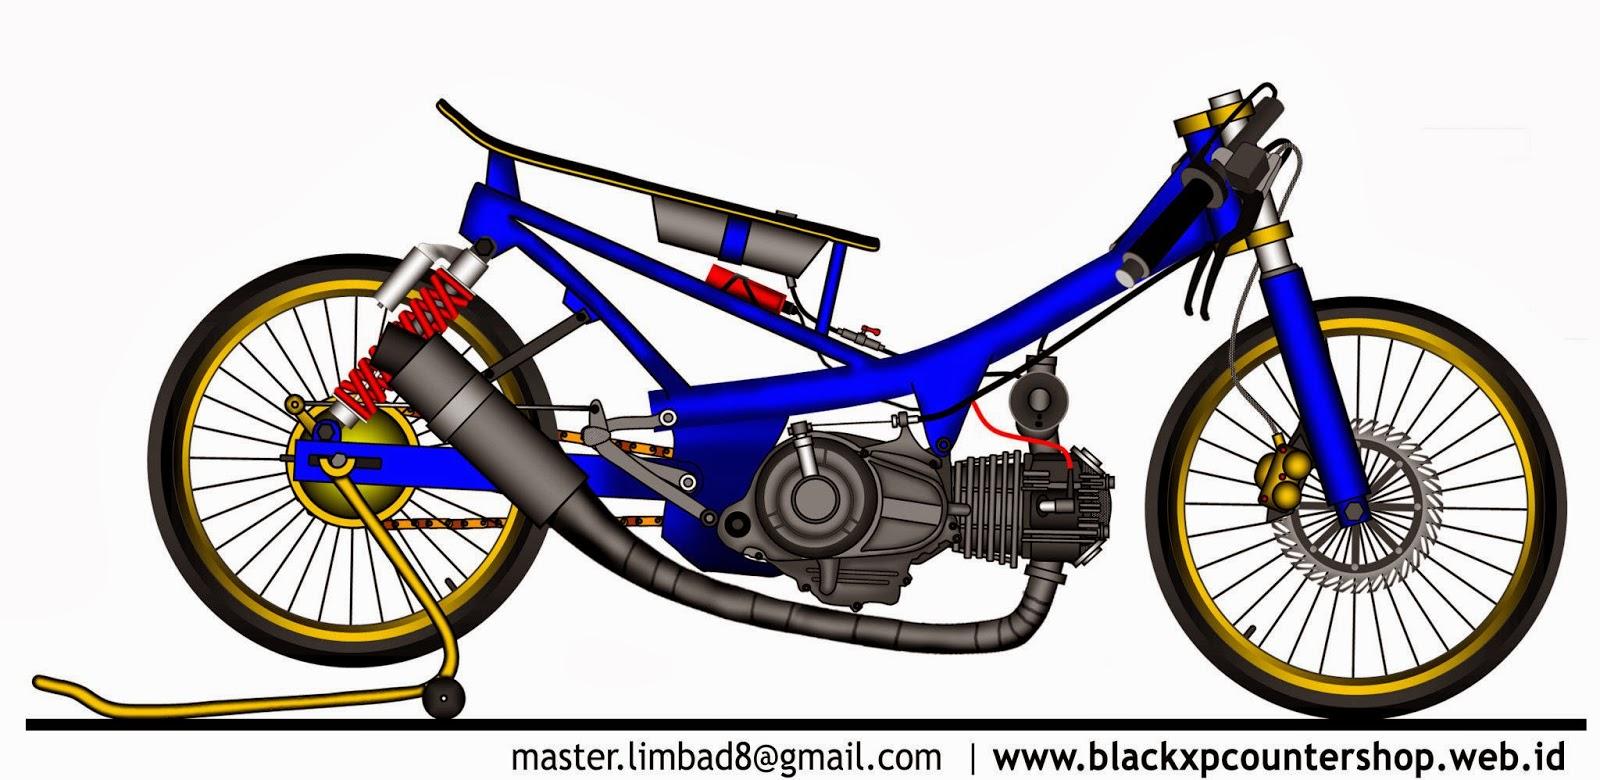 89 Gambar Motor Drag Ilustrasi Terlengkap Ranting Modifikasi